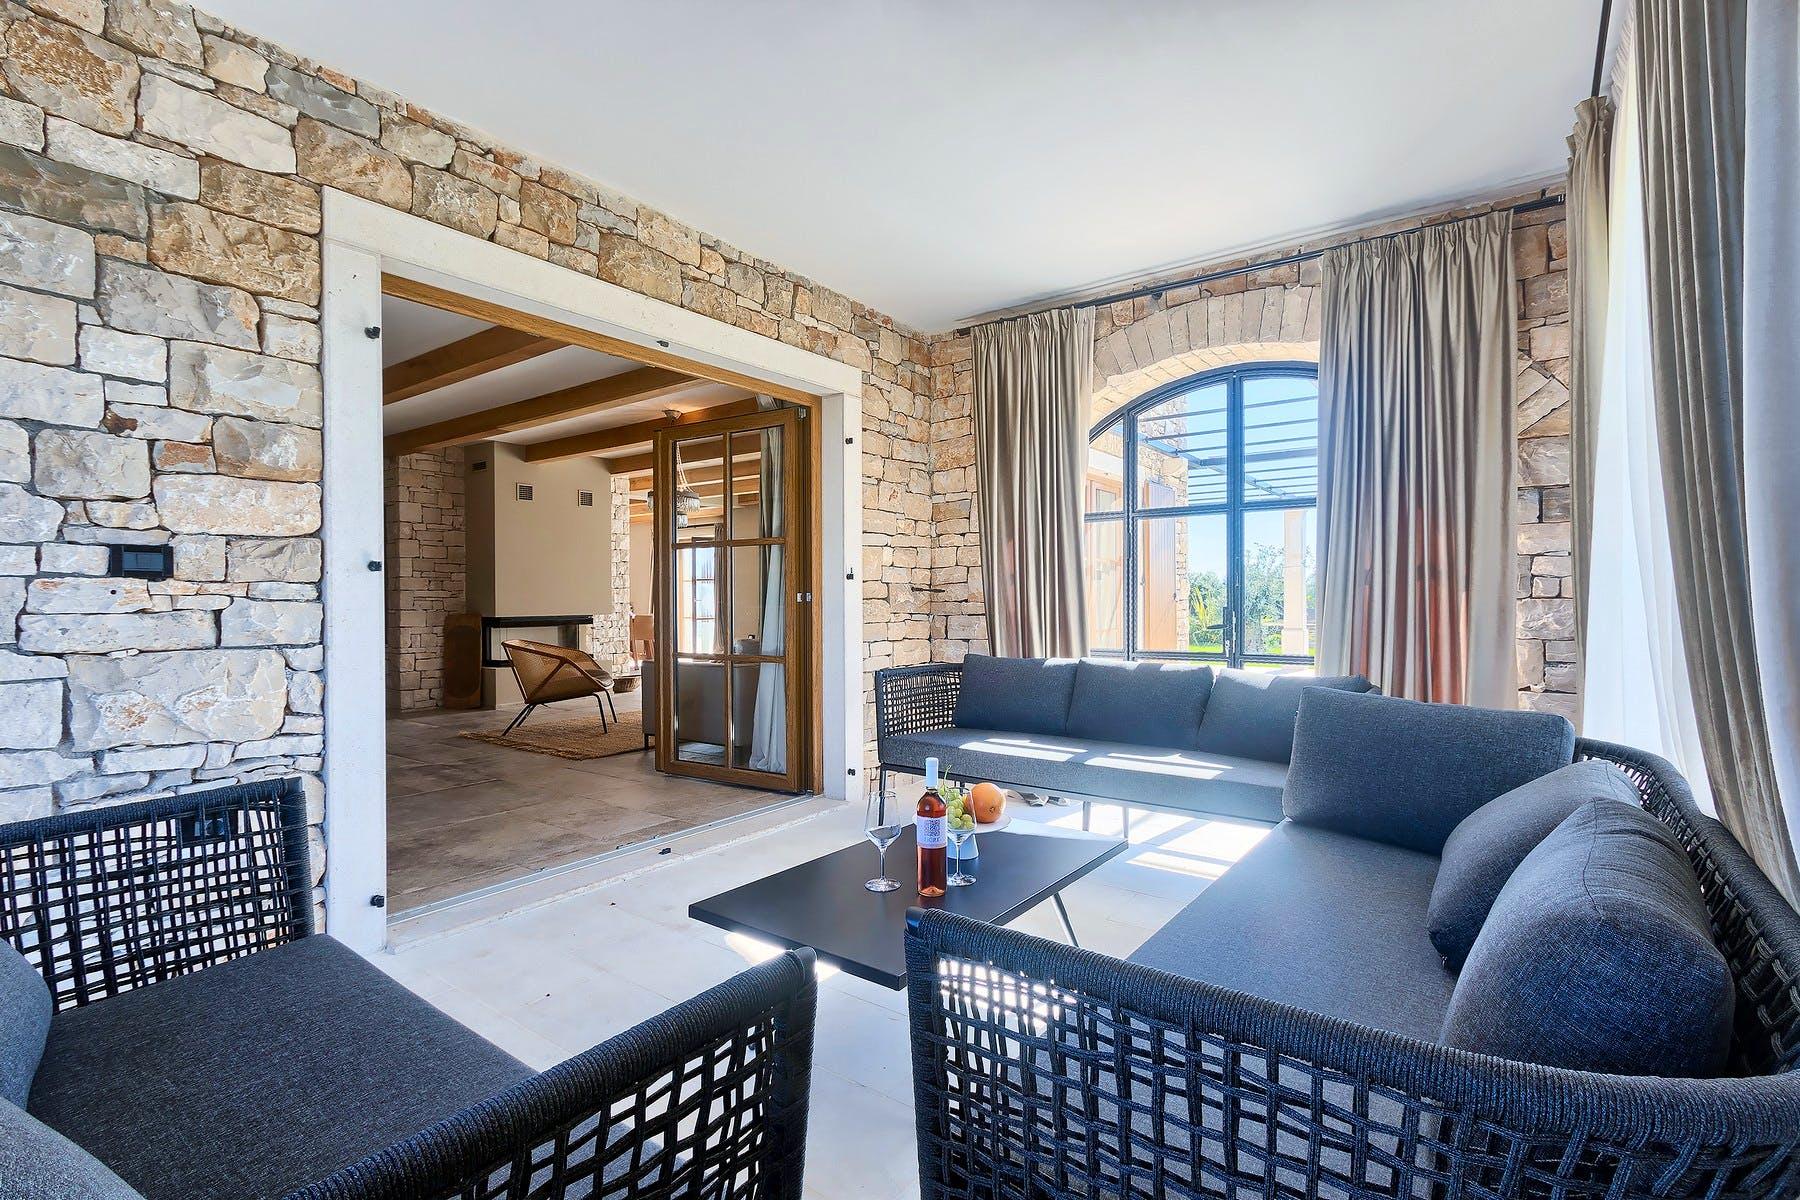 Zimska veranda s lounge foteljama za relaksaciju